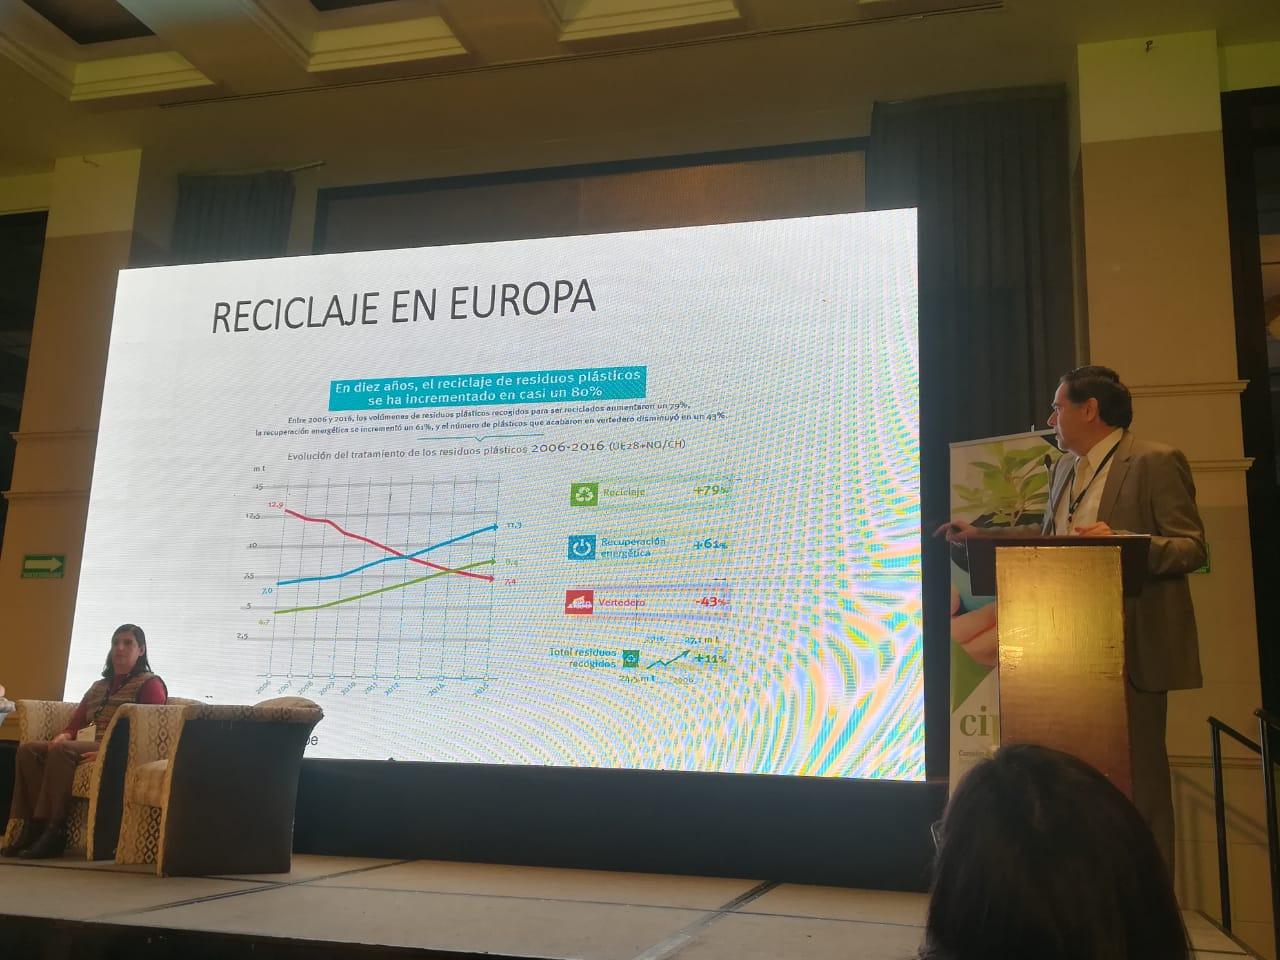 El Ing. Eduardo Martínez, de Plásticos Amigables con el Ambiente,habló sobre el reciclaje como oportunidad en el manejo de residuos e informó que de acuerdo con un reciente estudio de la ANIPAC, México recicla el 30% de sus plásticos, siendo su principal fortaleza el reciclaje mecánico.